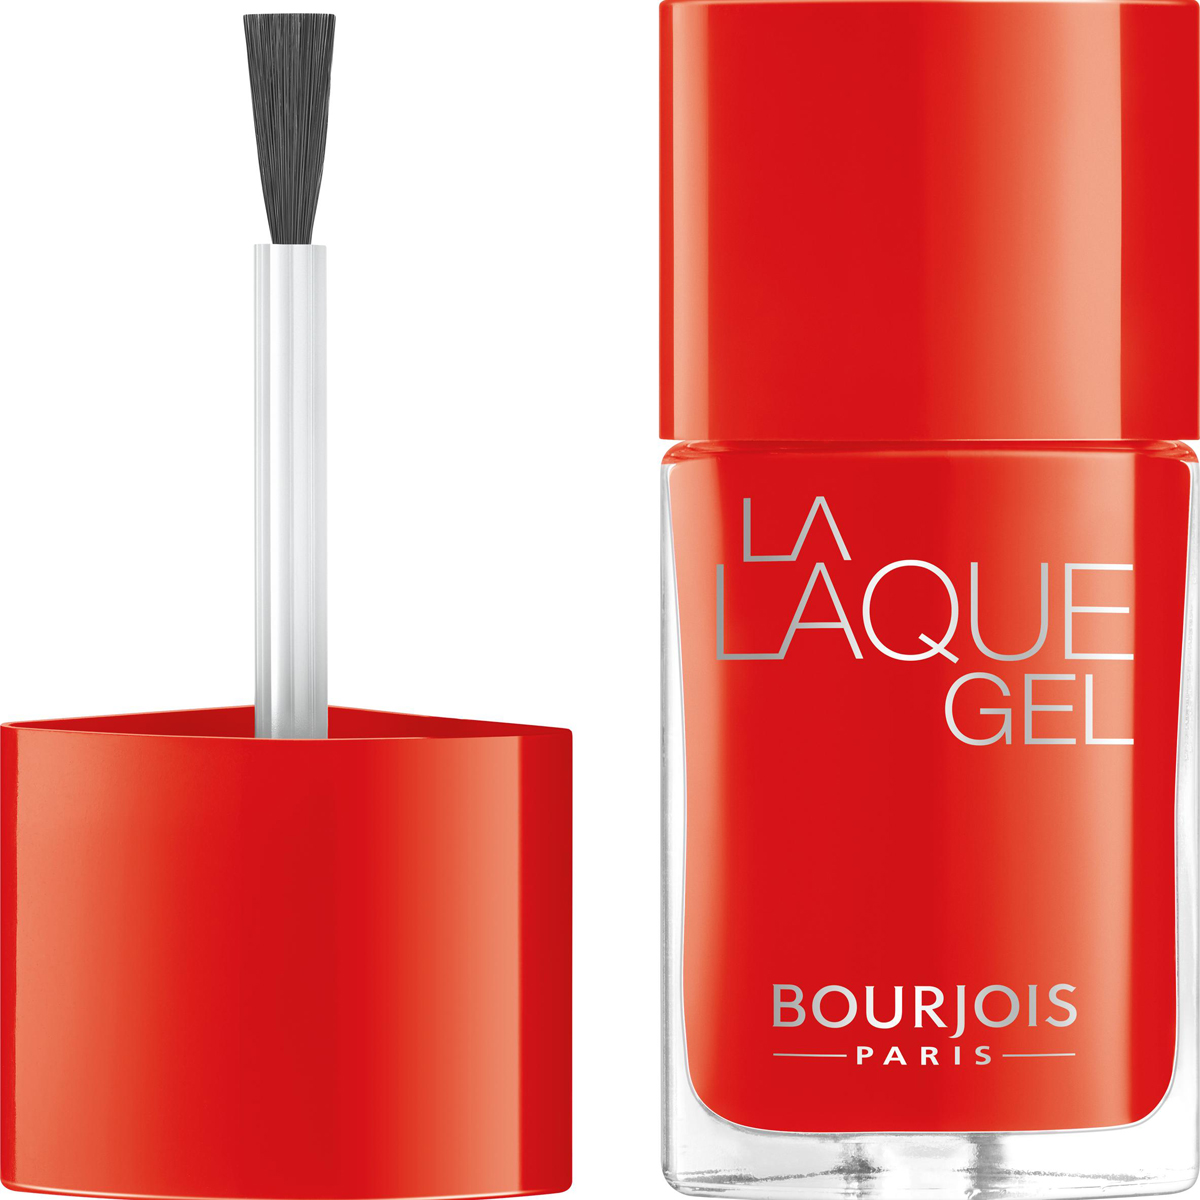 Bourjois Гель-лак Для Ногтей La Laque Gel, Тон 27перфорационные unisexМаникюр в 2 шага. Без УФ-лампы. Легко удалить жидкостью для снятия лака. Стойкость до 15 дней. Интенсивность цвета и сияние.